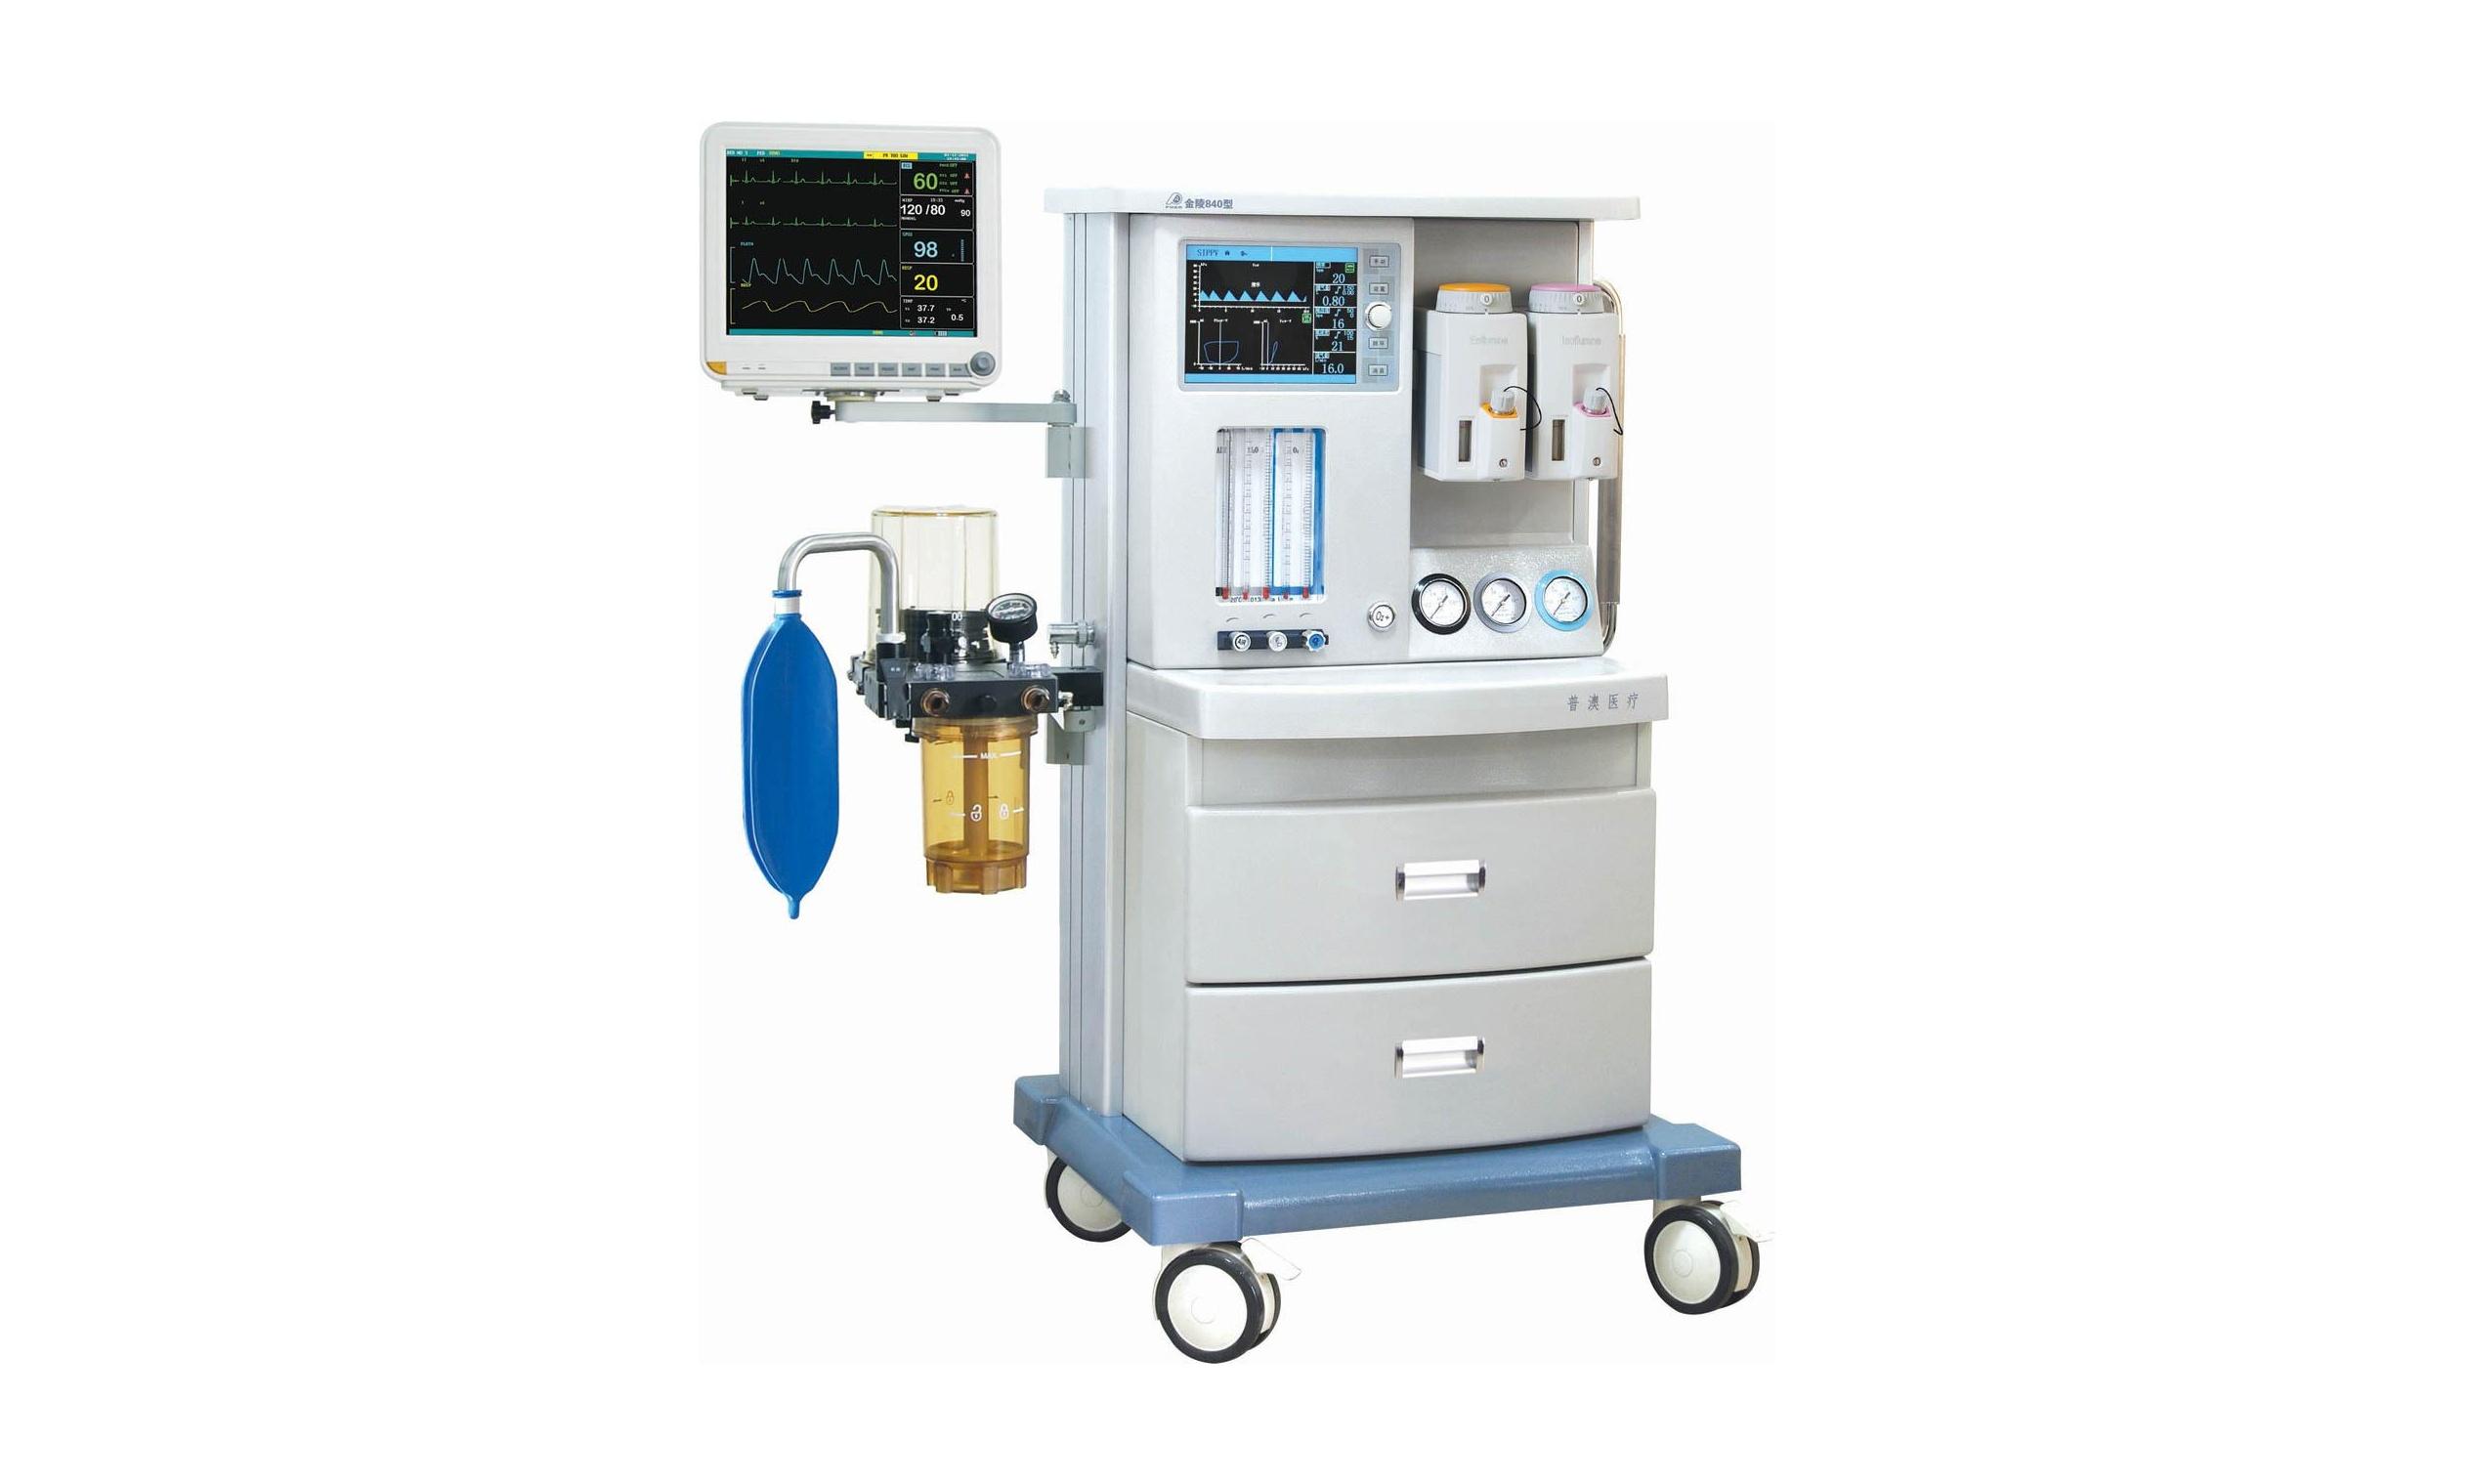 阳江市人民医院麻醉机等仪器设备采购项目招标